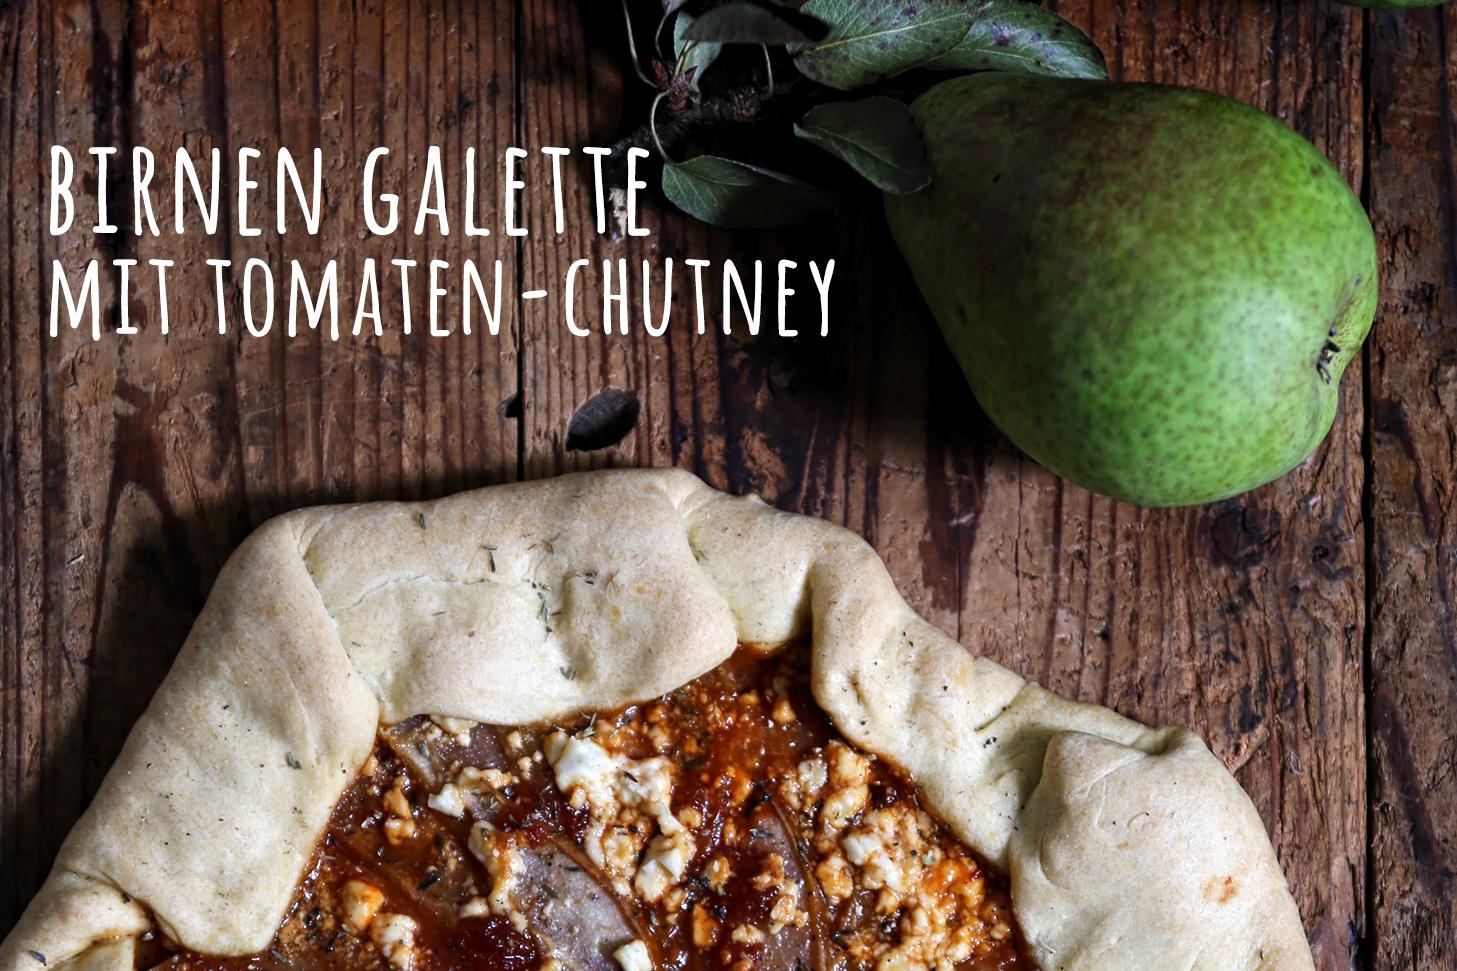 Galette mit Birnen und Tomaten-Chutney - Pottgewächs